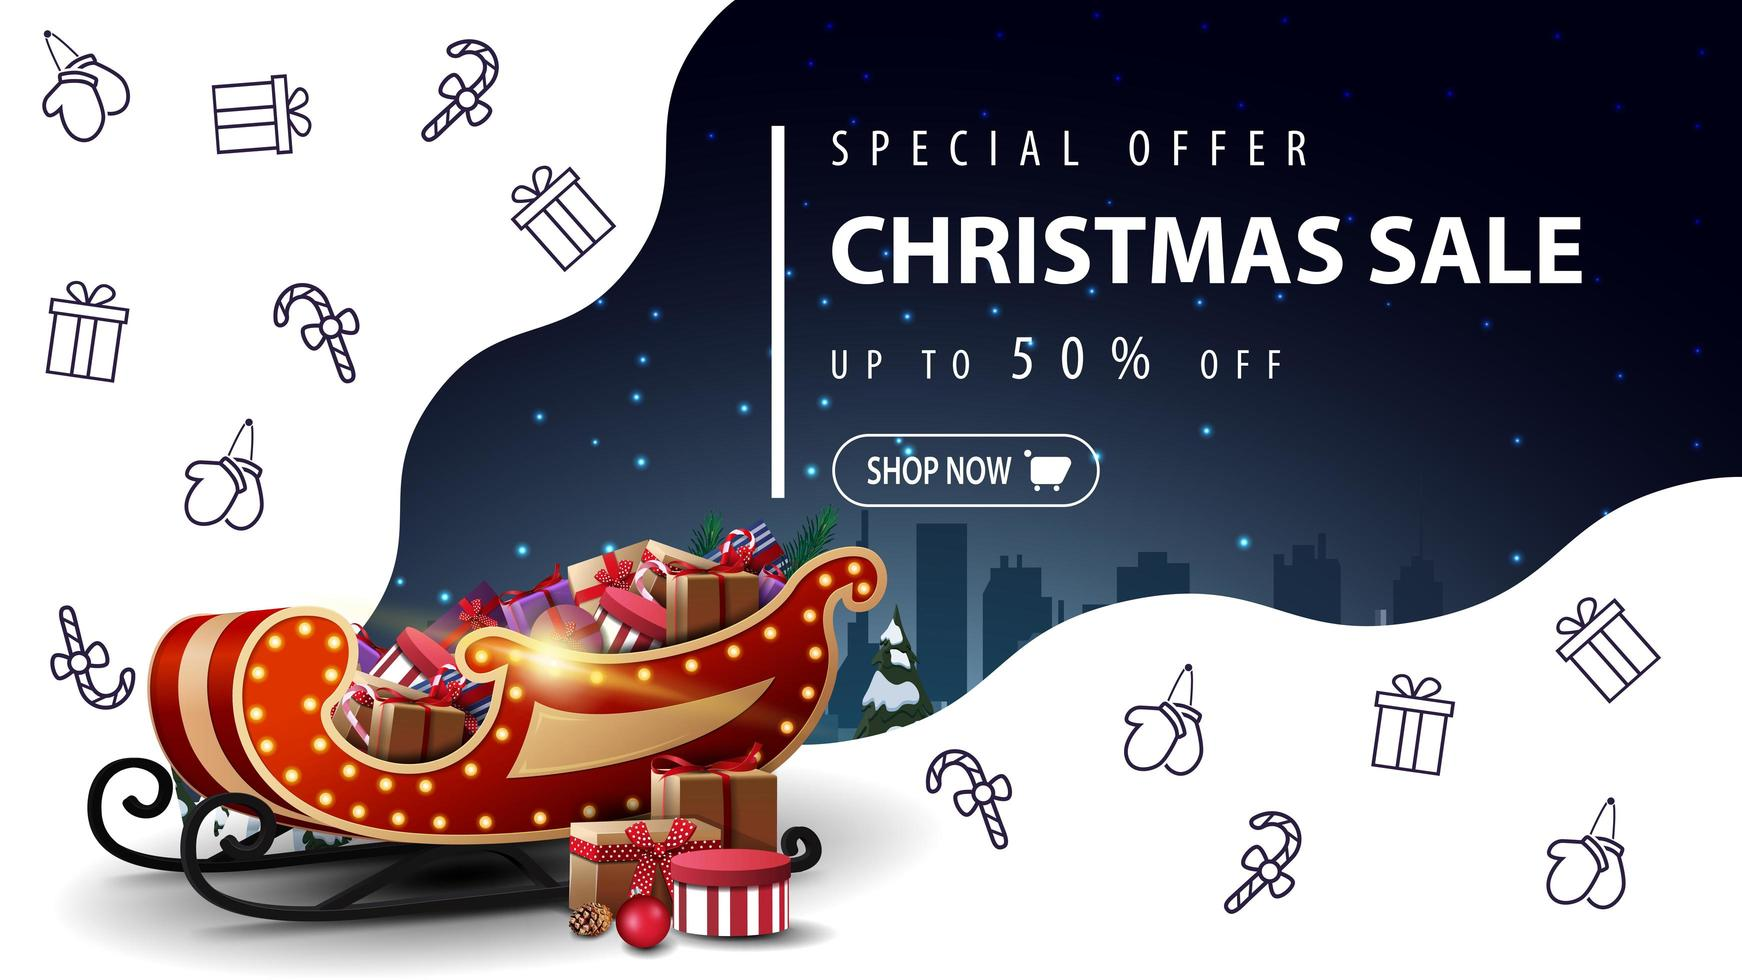 speciale aanbieding, kerstuitverkoop, tot 50 korting, mooie witte en blauwe kortingsbanner met kerstman met cadeautjes en kerstlijnpictogrammen, ruimteverbeelding vector